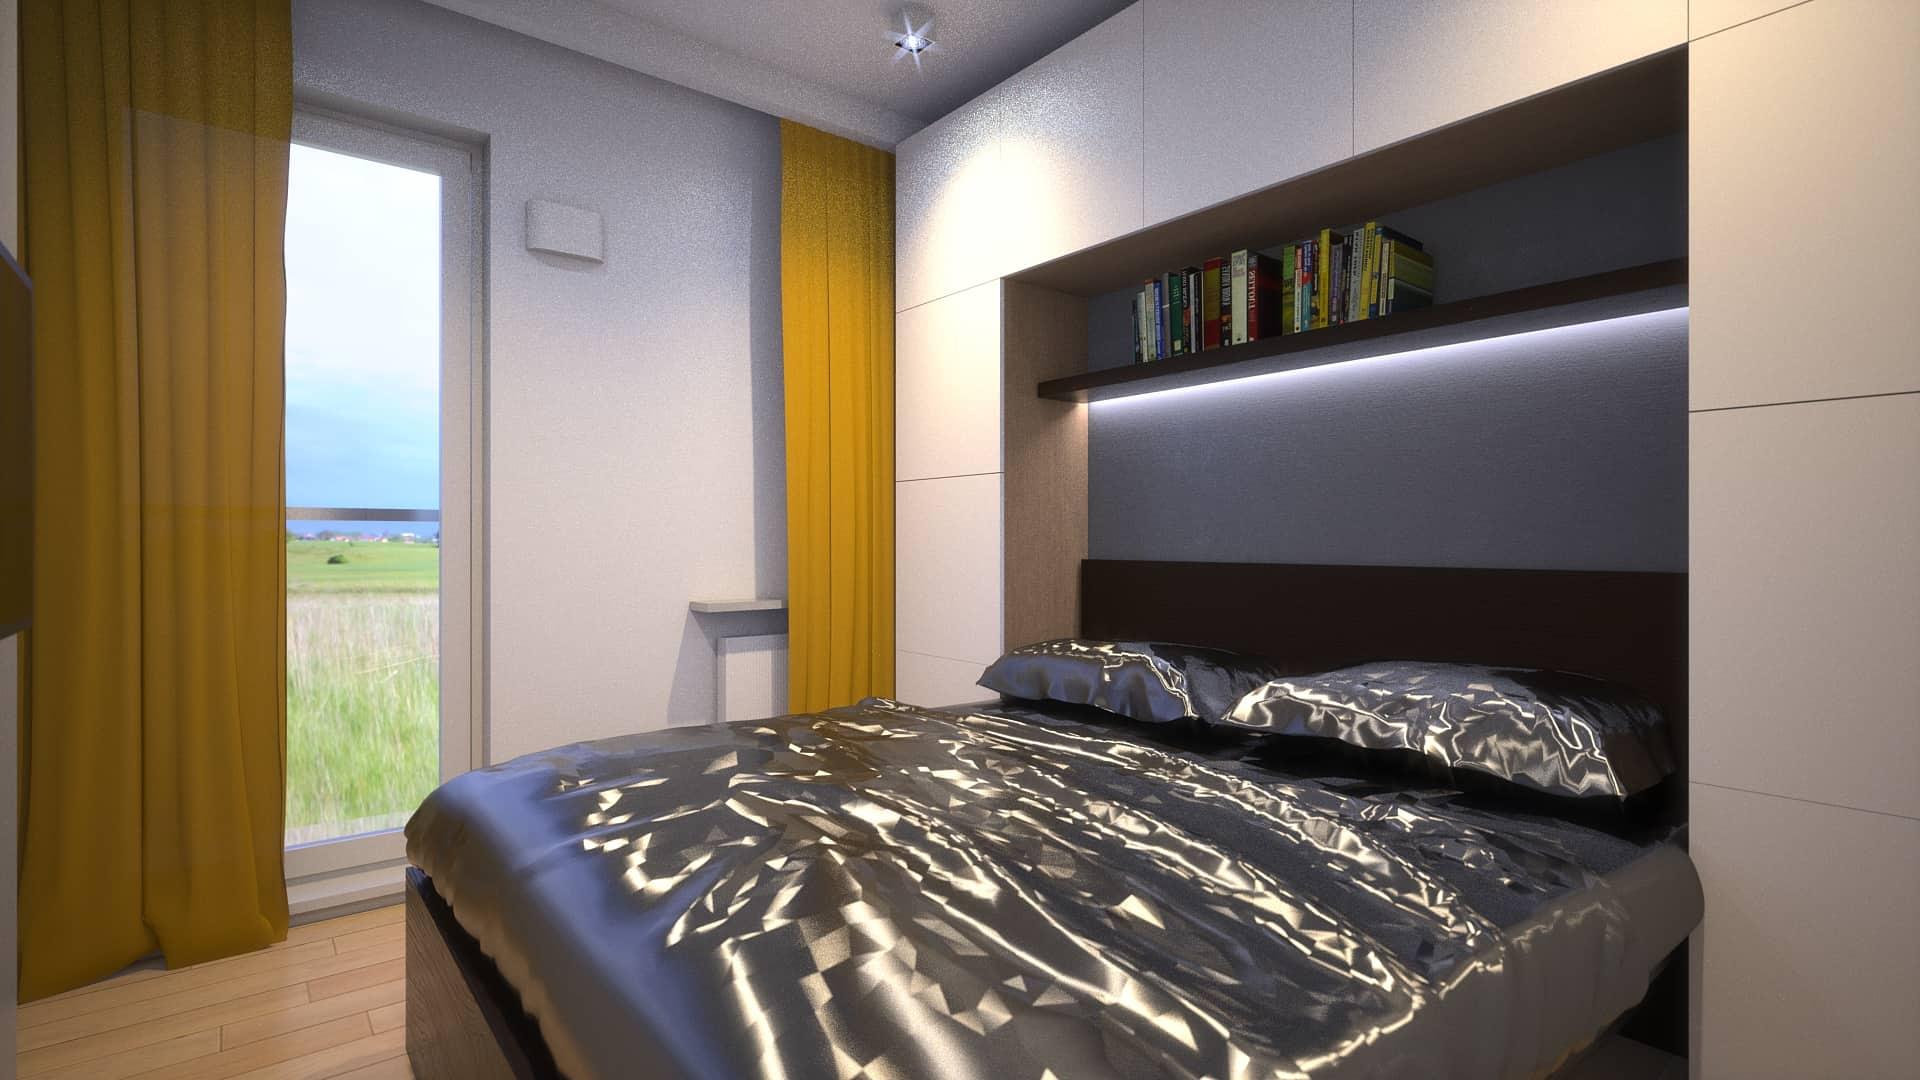 Sypialnia w mieszkaniu na Ursynowie